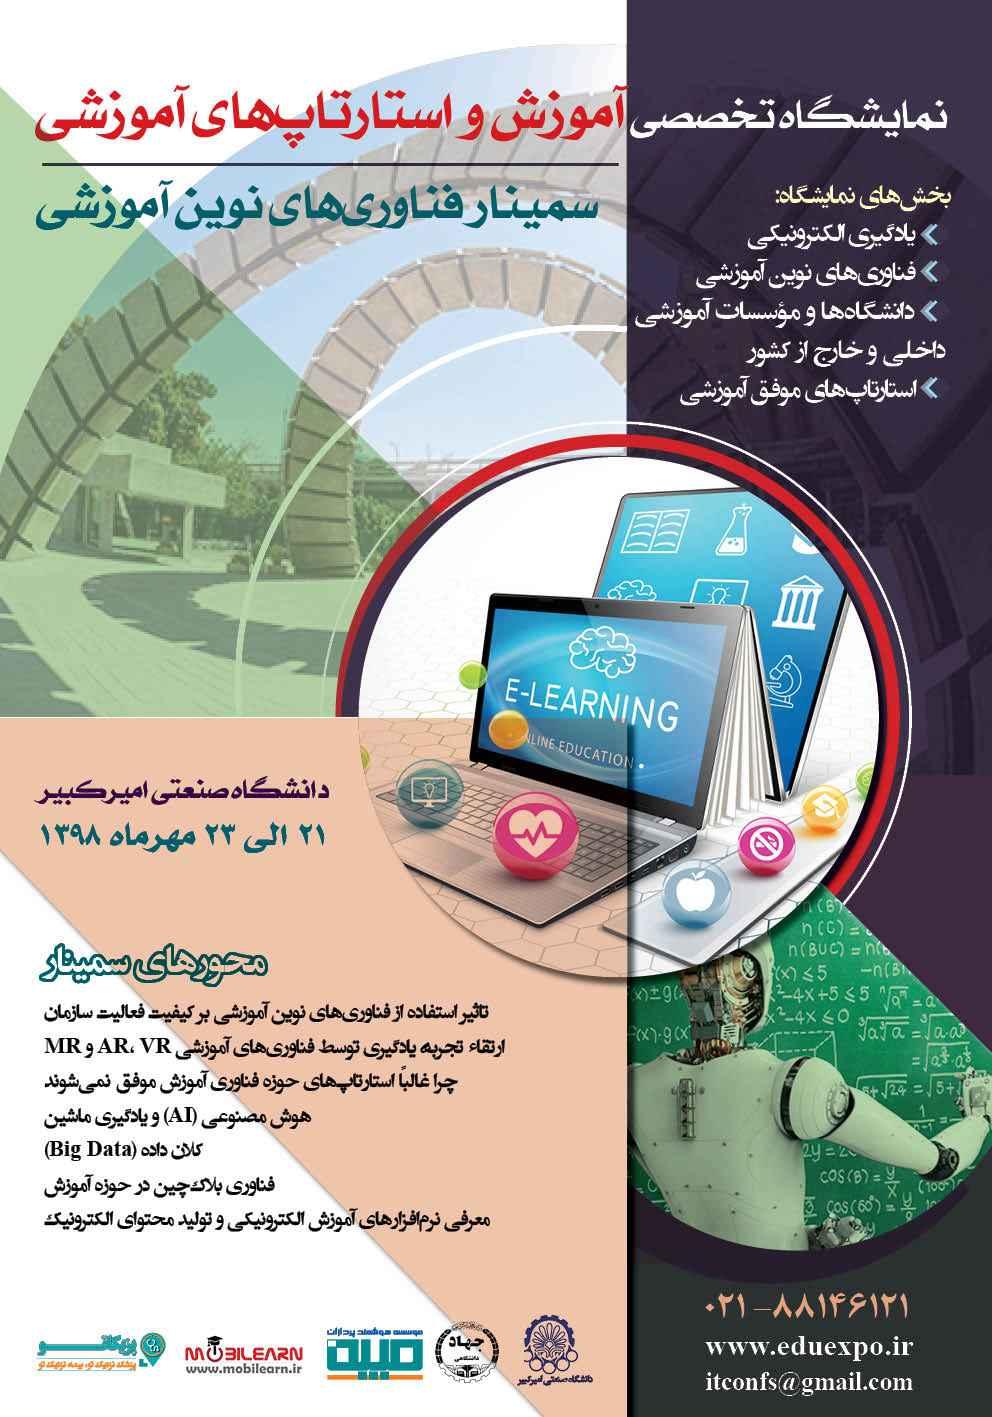 نمایشگاه تخصصی آموزش و استارتاپ های آموزشی